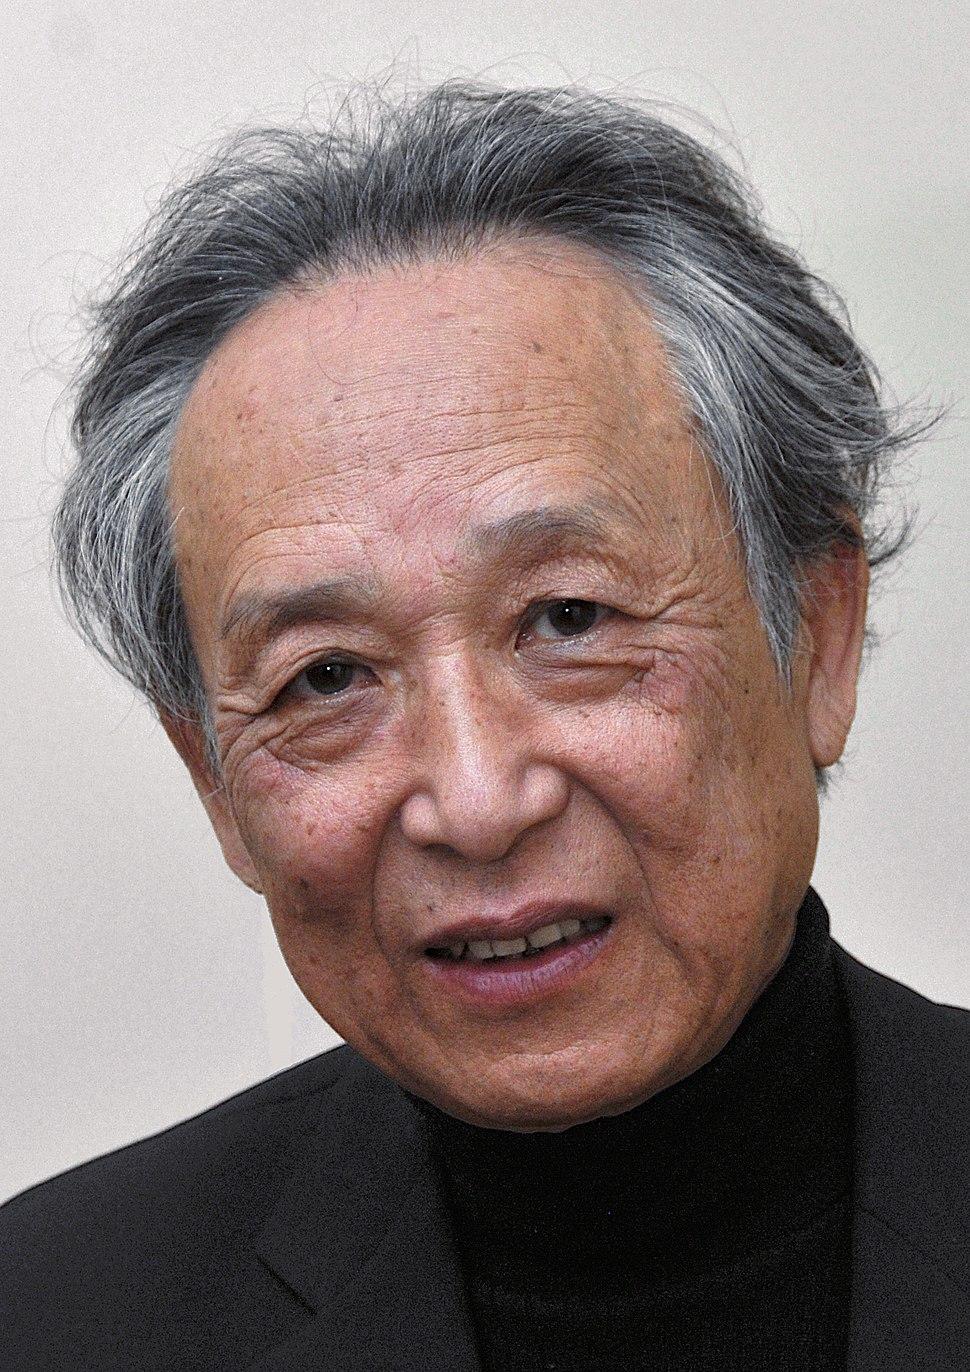 Gao Xingjian (2012, cropped)